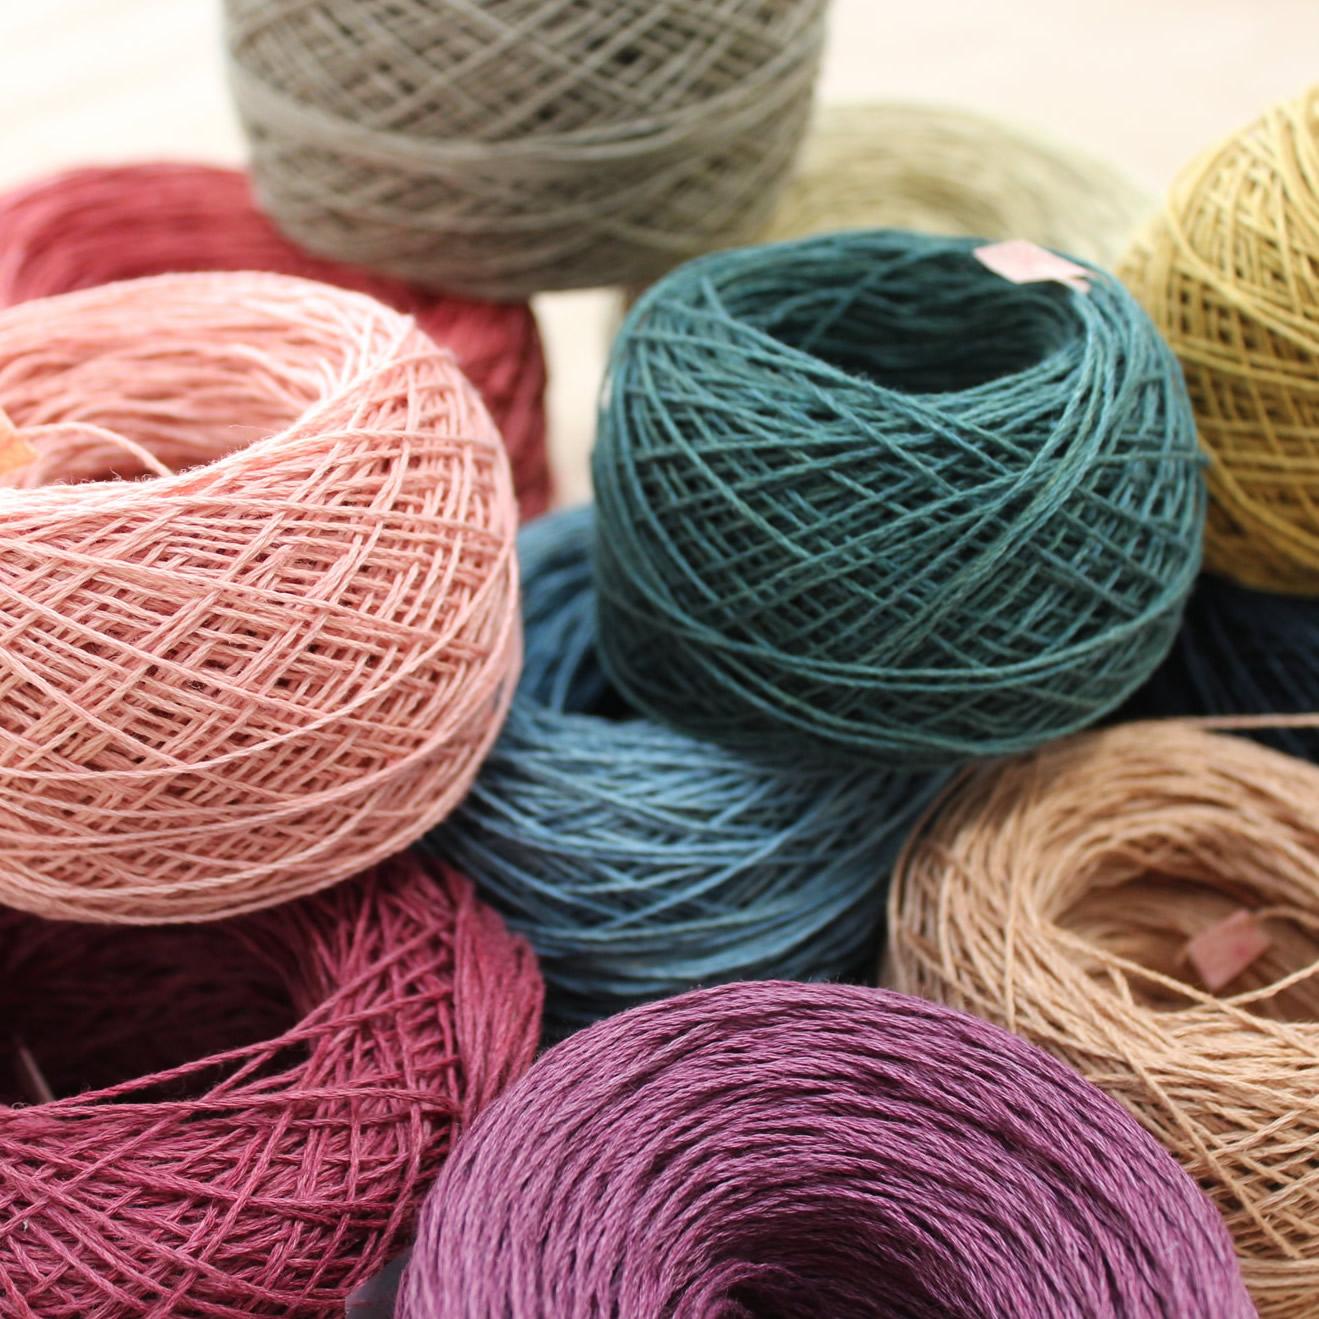 【完売御礼】自然染め・ヘンプ手仕事糸(アクセサリー・手織り・手編み用)